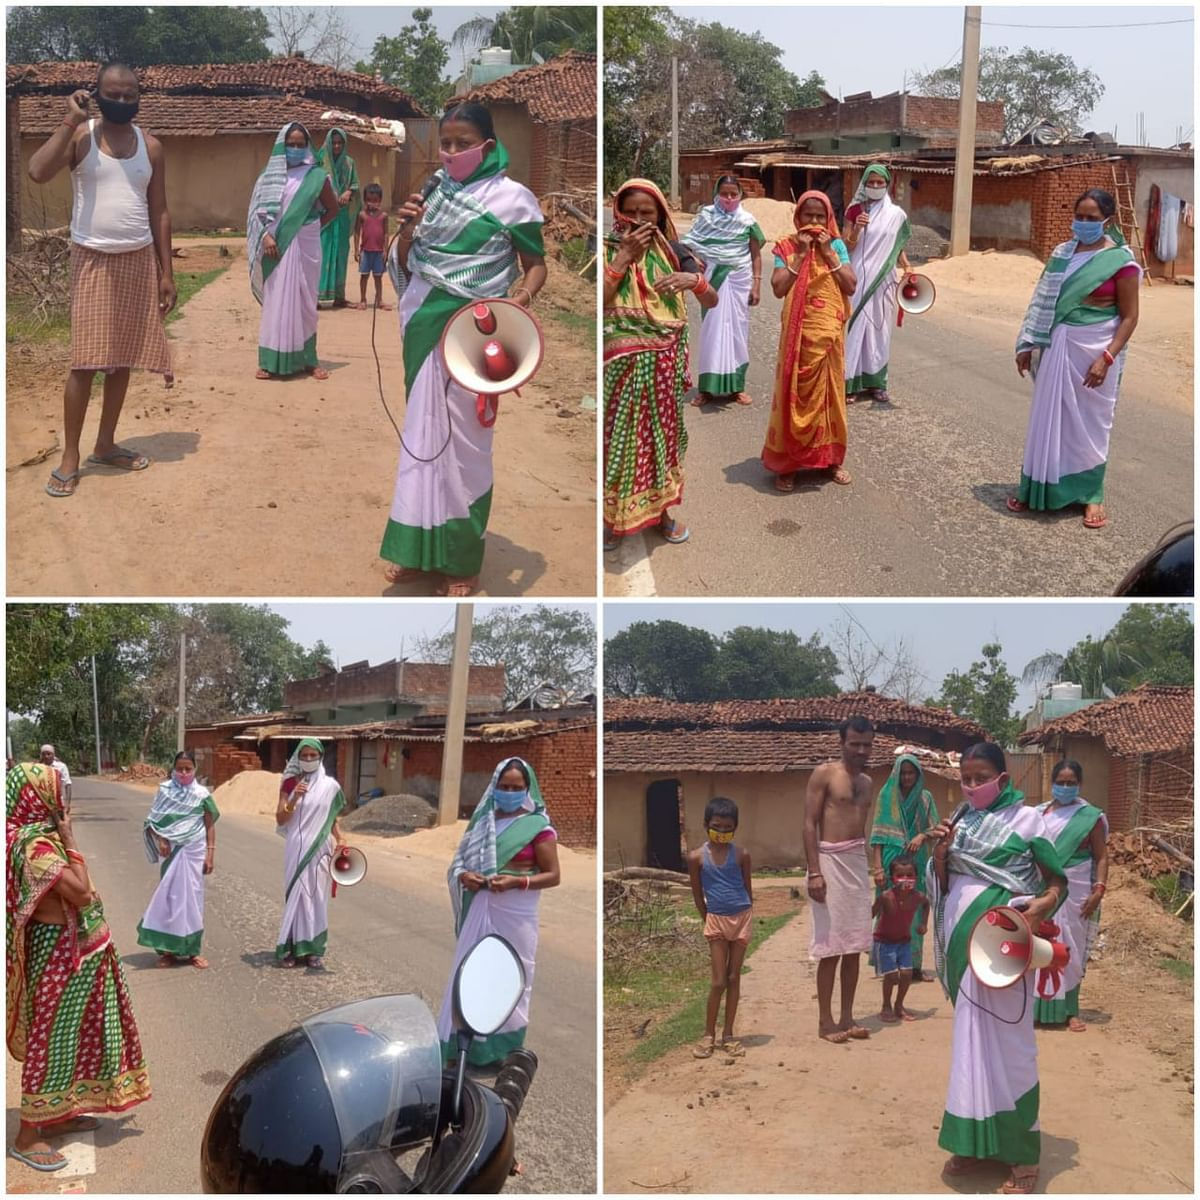 आंगनबाड़ी सेविका टीकाकरण के लिए ग्रामीणों को कर रही हैं जागरूक